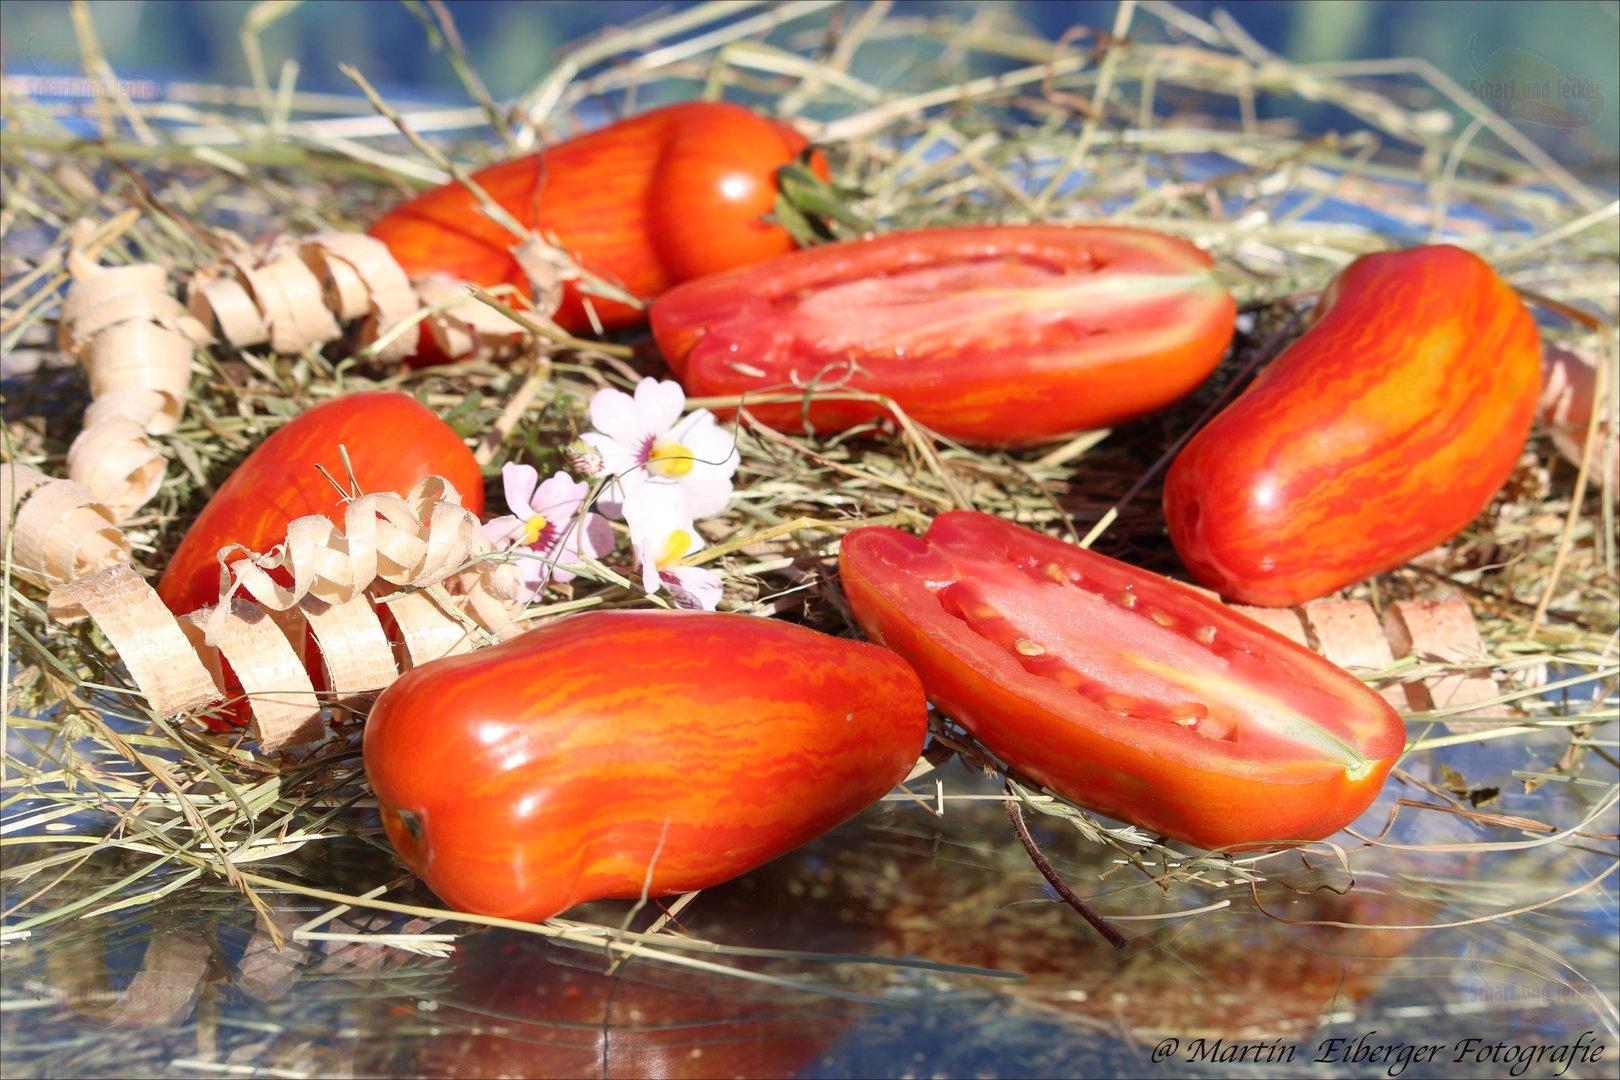 don juan tomate mit walzenf rmigen fr chten tomaten samen. Black Bedroom Furniture Sets. Home Design Ideas